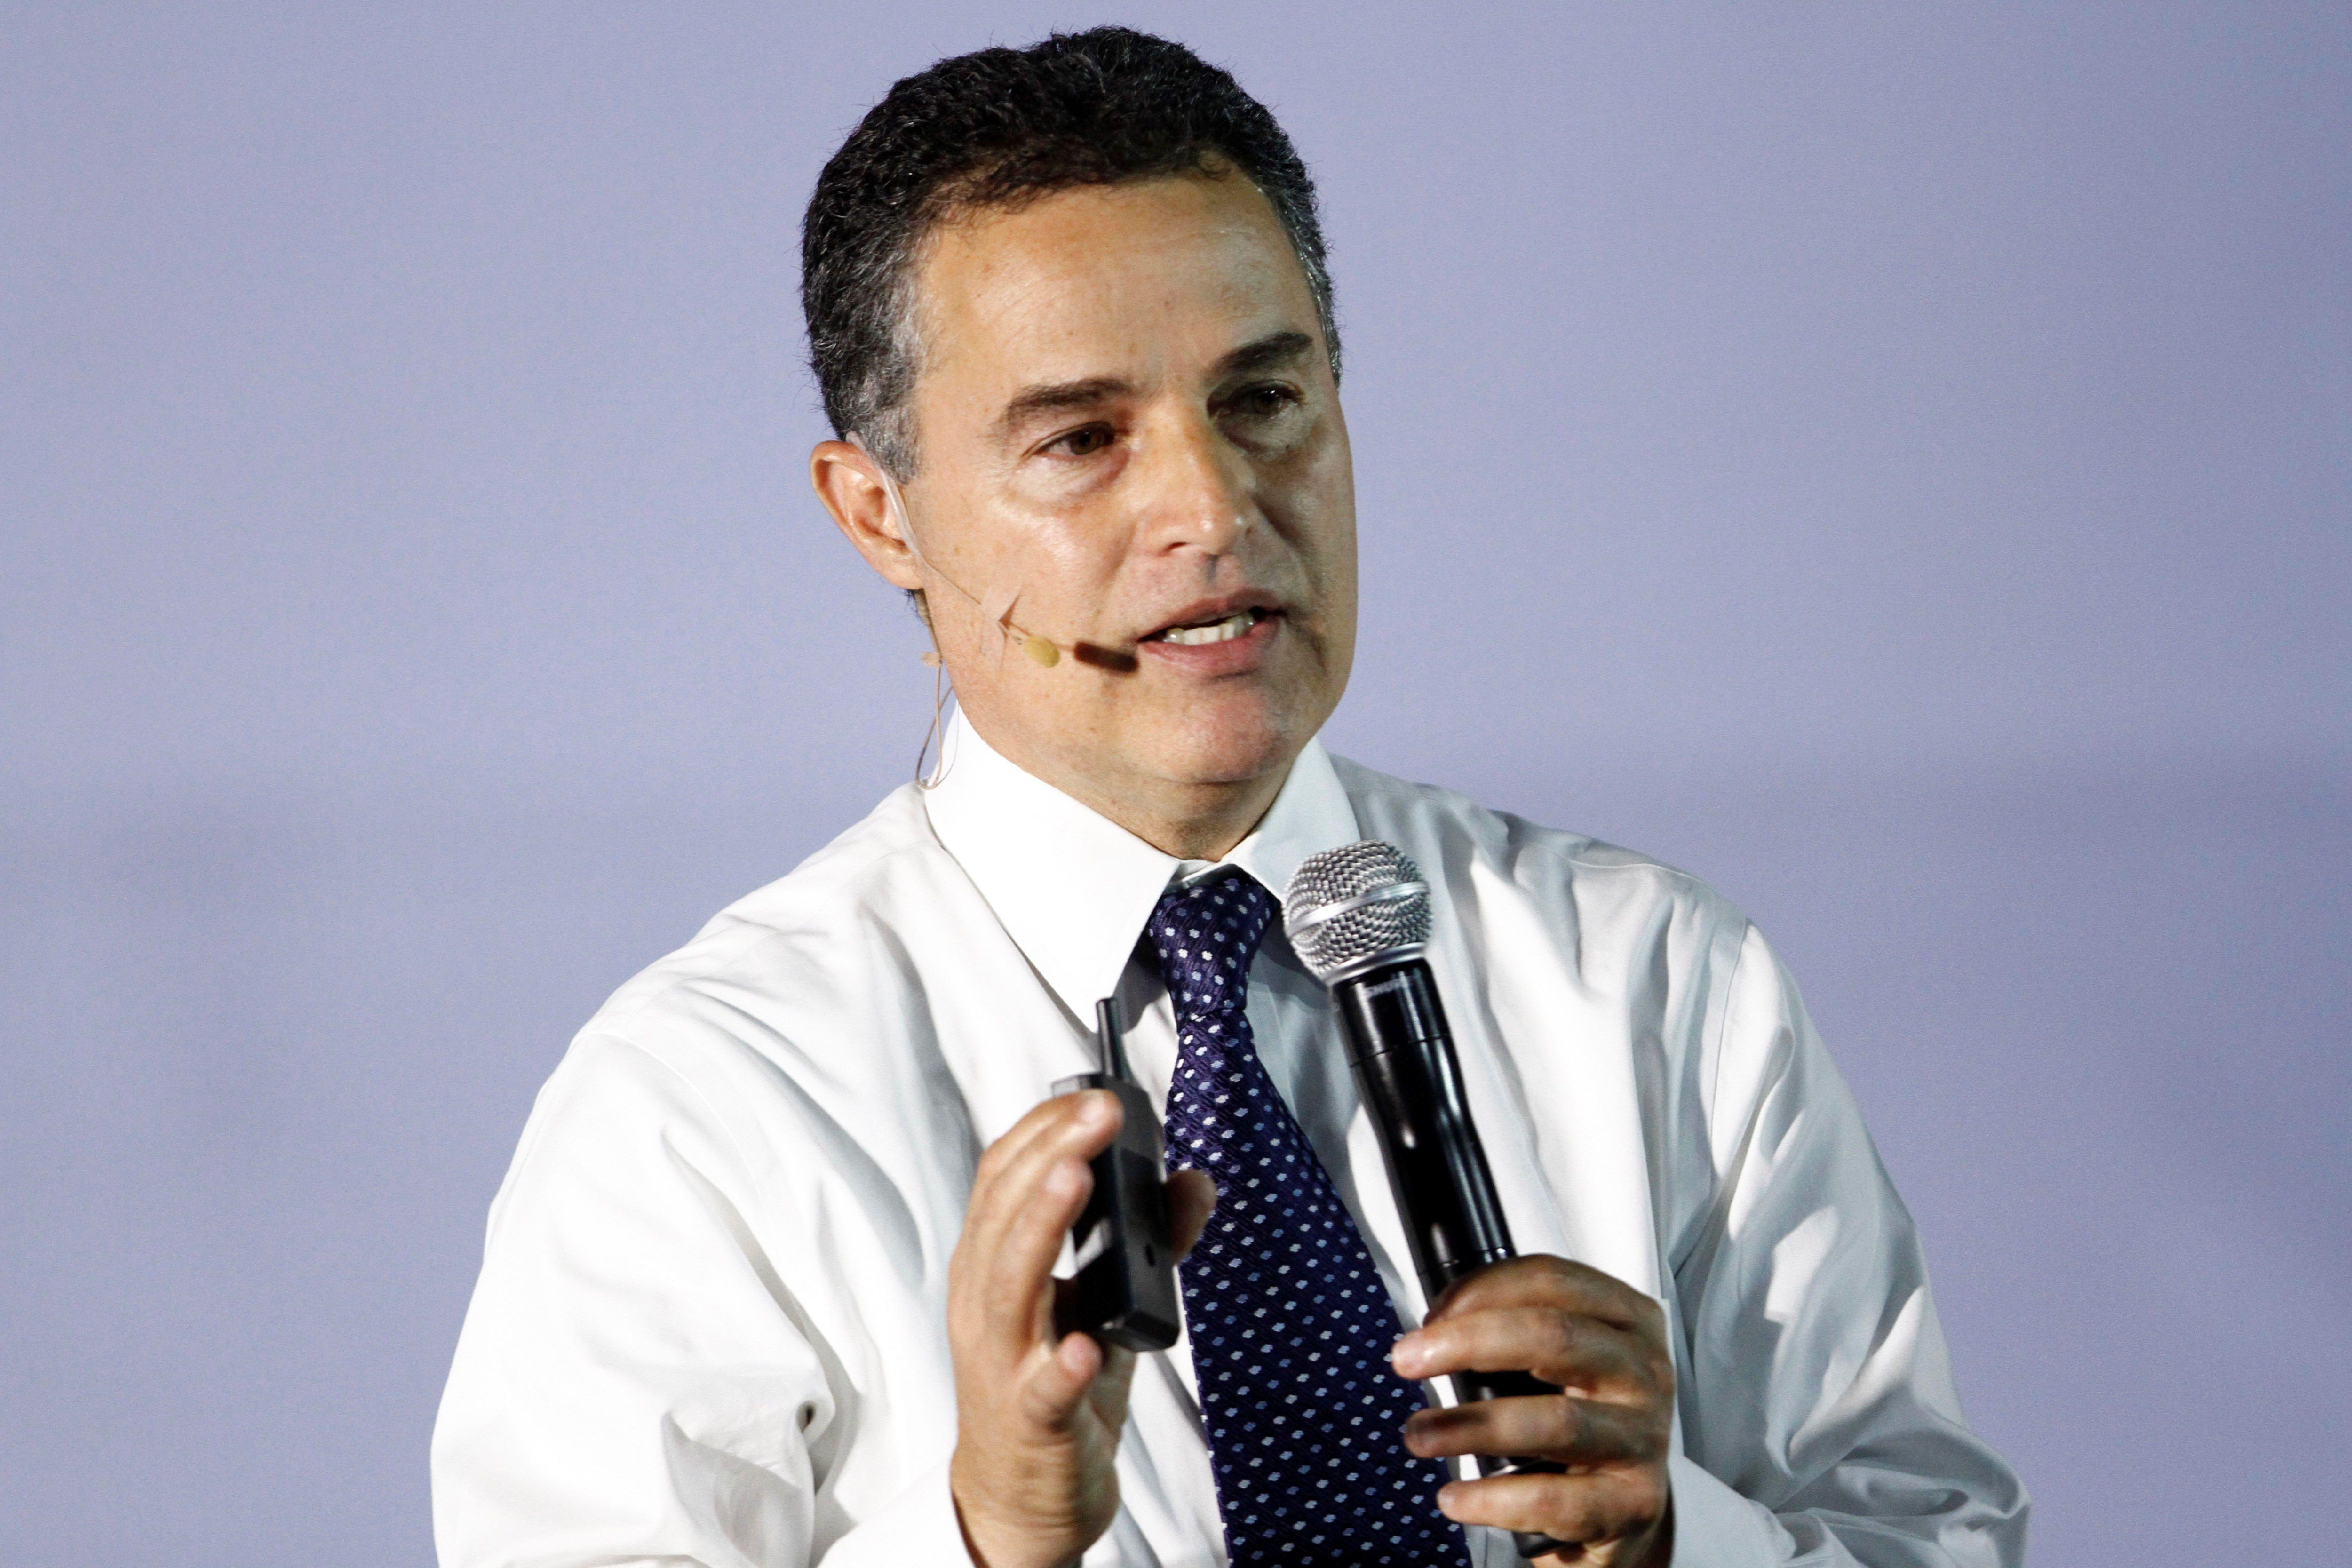 El gobernador de Antioquia, Aníbal Gaviria. EFE/Francisco Guasco/Archivo